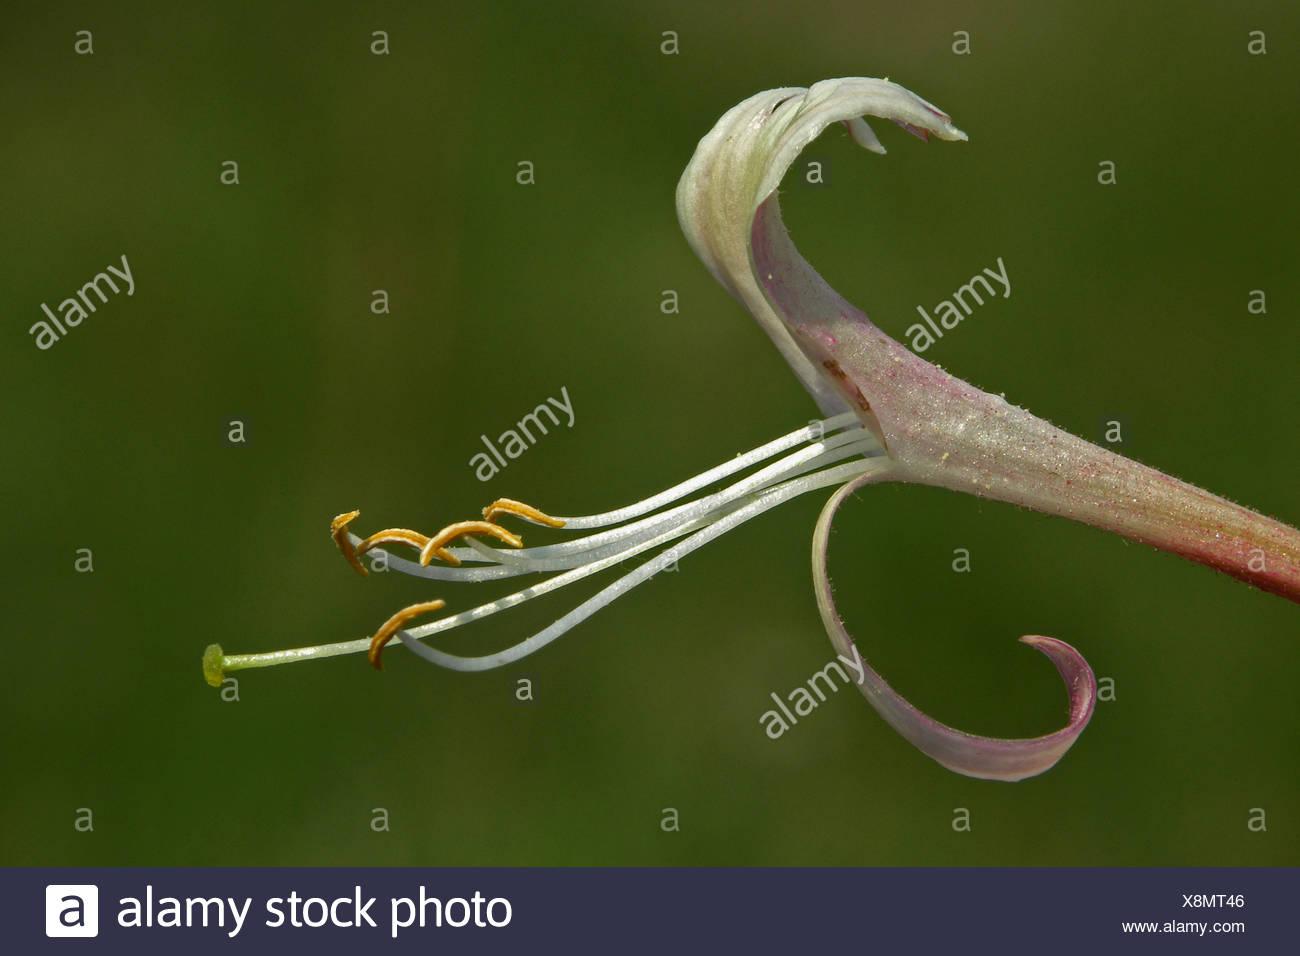 detail (zijaanzicht) van een bloem met ver uitstekende meeldraden en nog verder uitstekende stamper - Stock Image